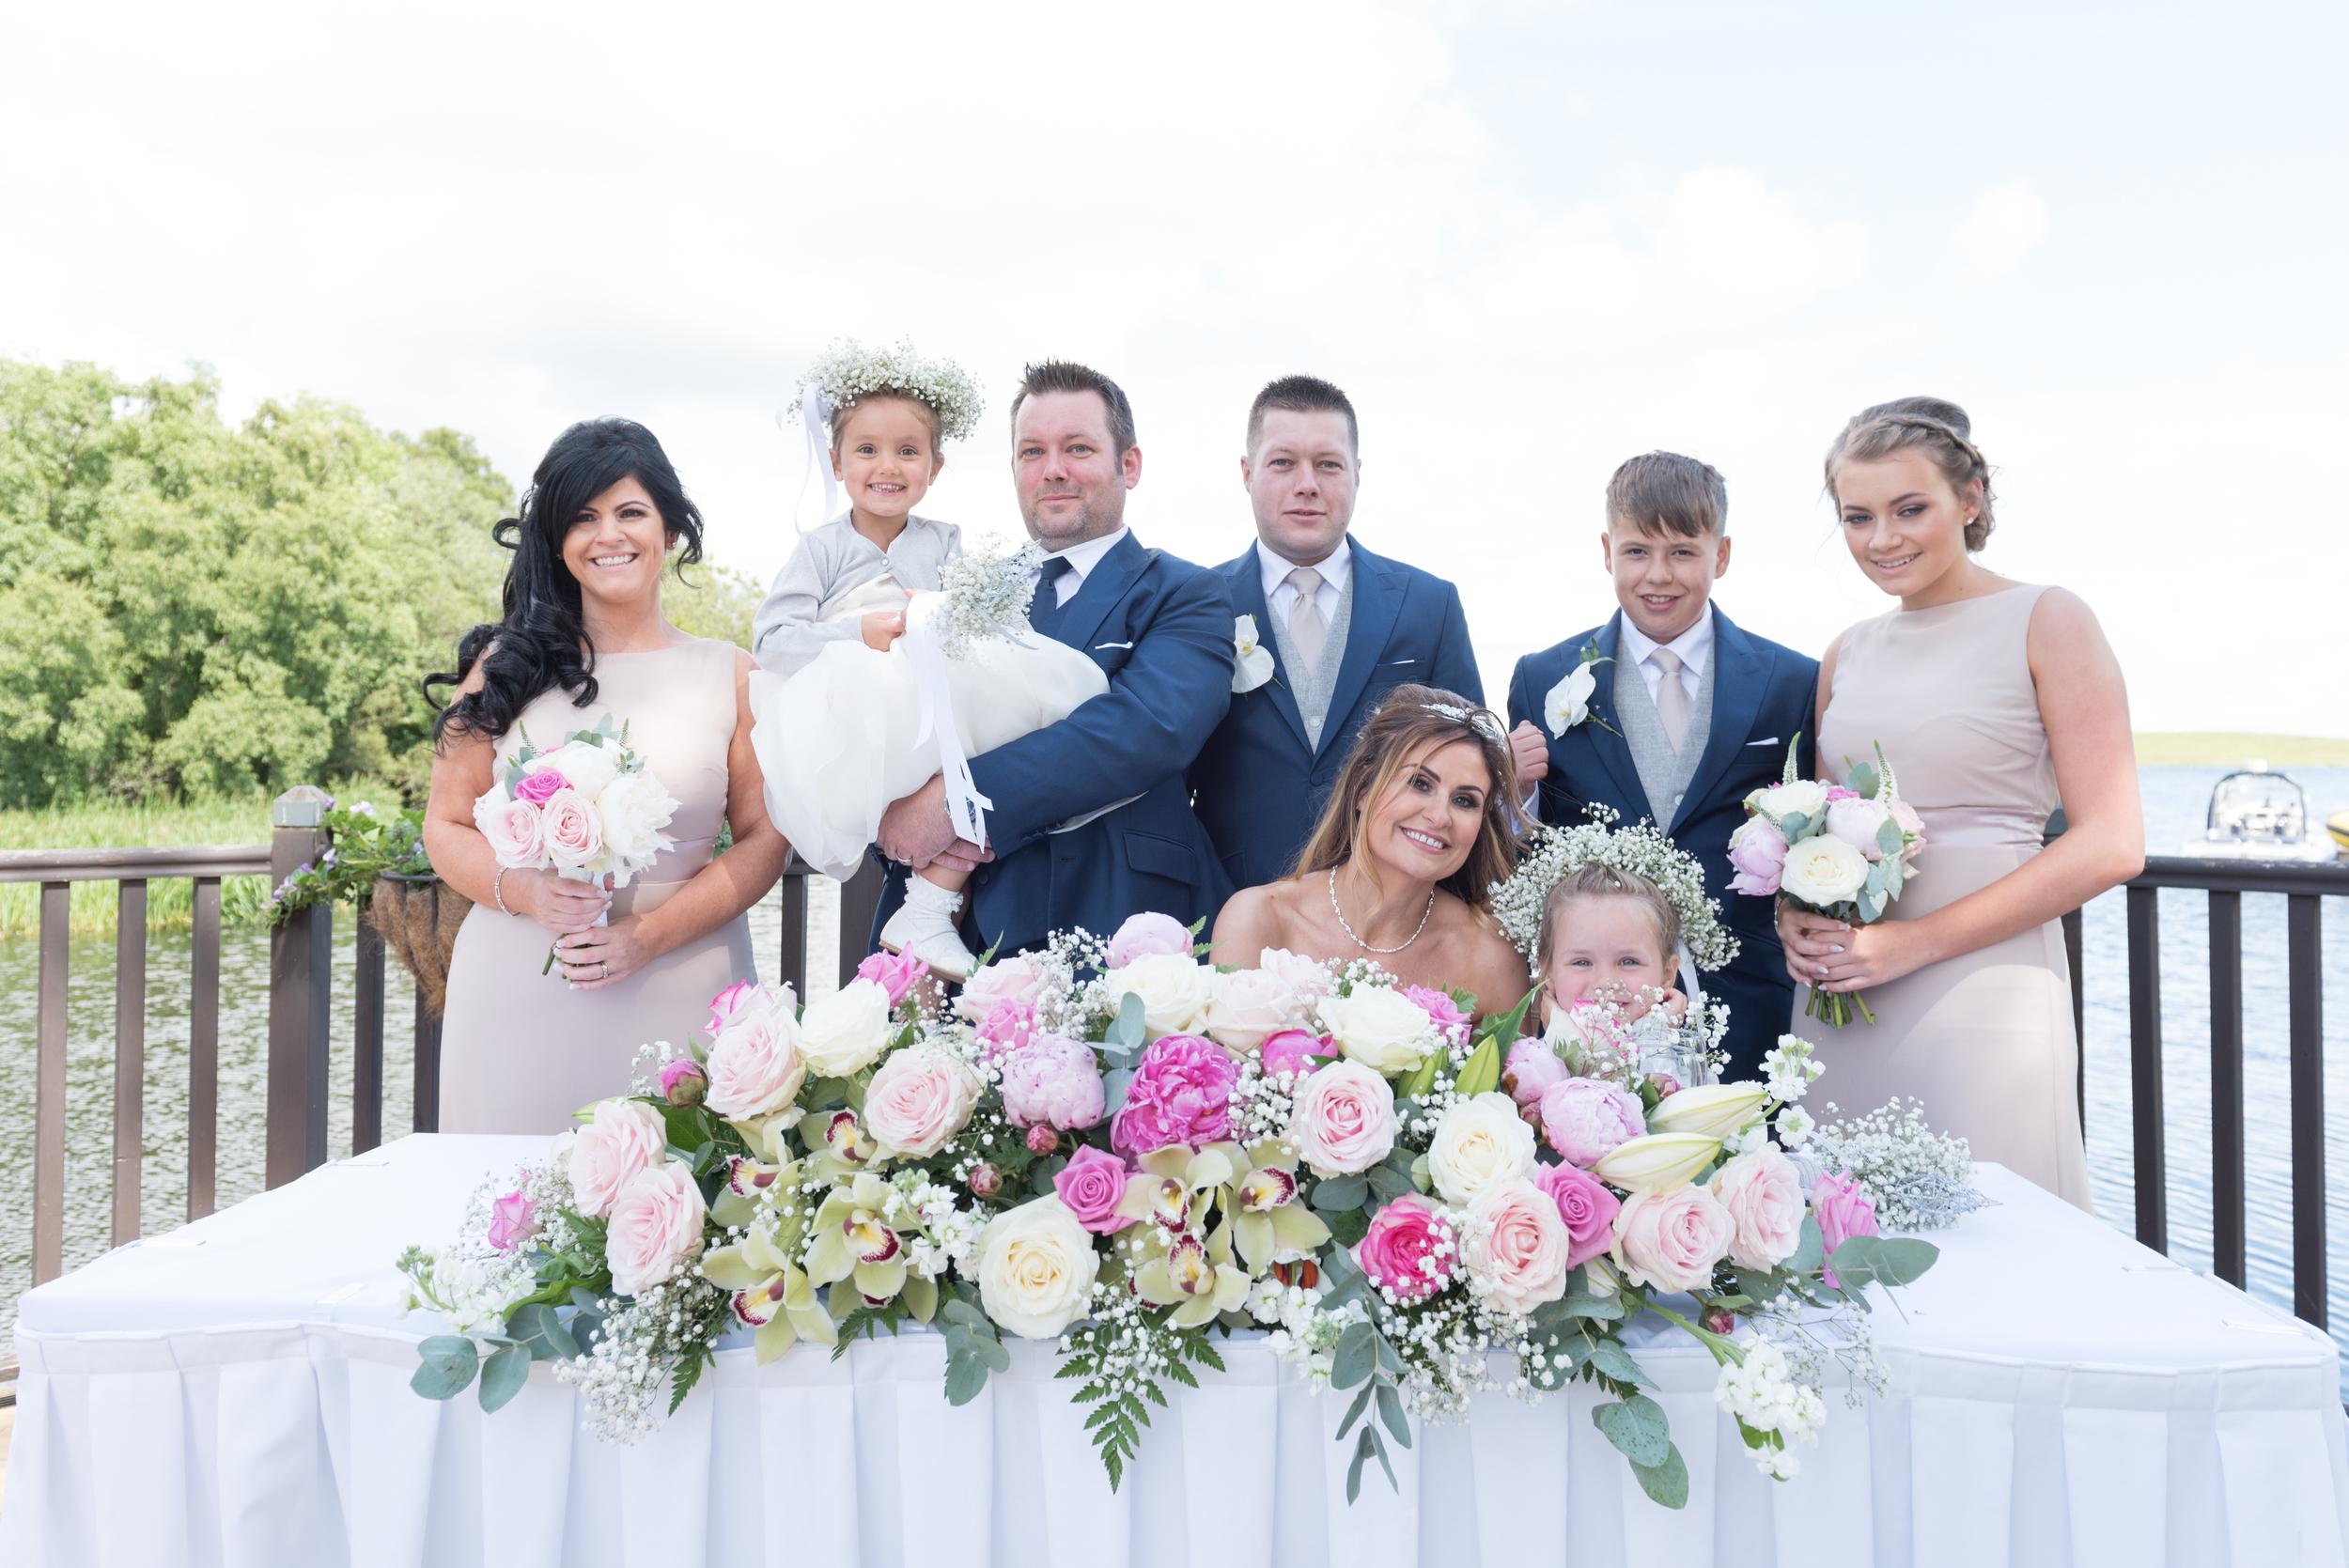 Lusty Beg Island Northern Ireland Wedding Photographers Pure Photo N.I Signing